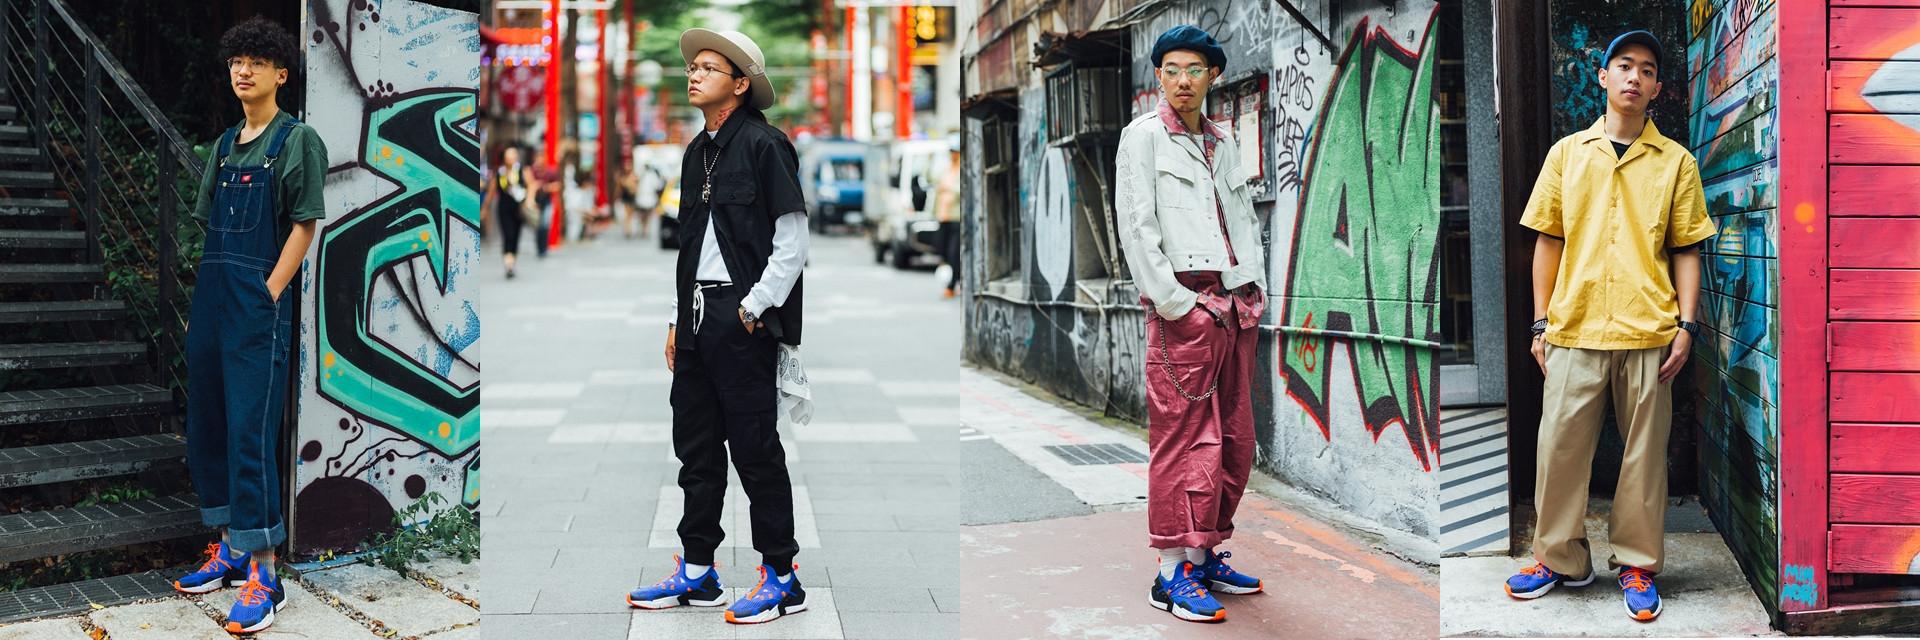 「鞋帶」怎麼綁 東西區時尚風格大不同  東區、西門潮店店員 穿搭比拼賽(西門篇)